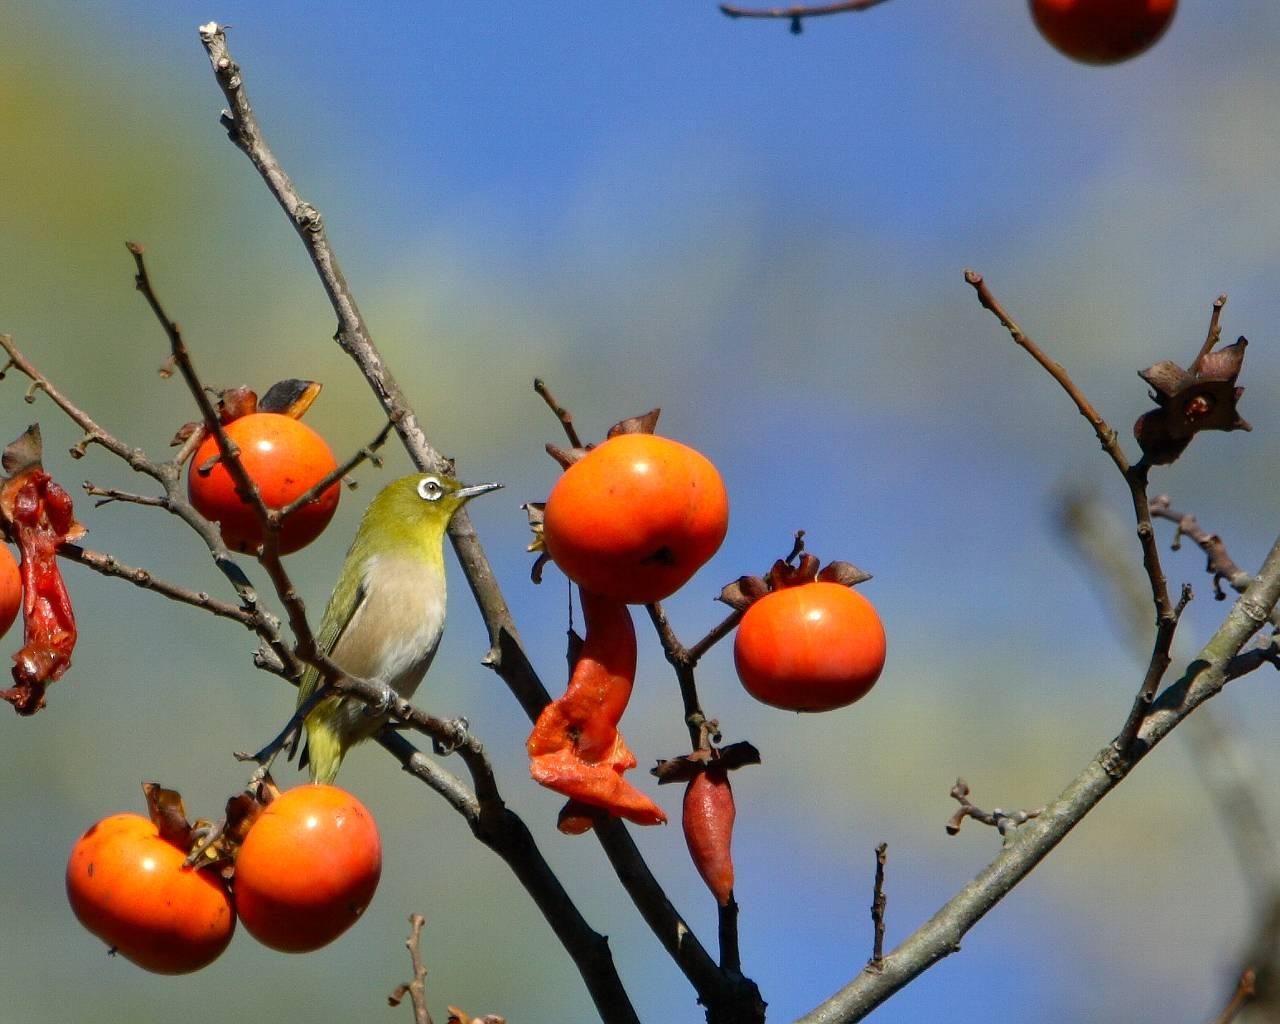 柿に来たメジロ(秋らしい野鳥の壁紙)_f0105570_2234946.jpg